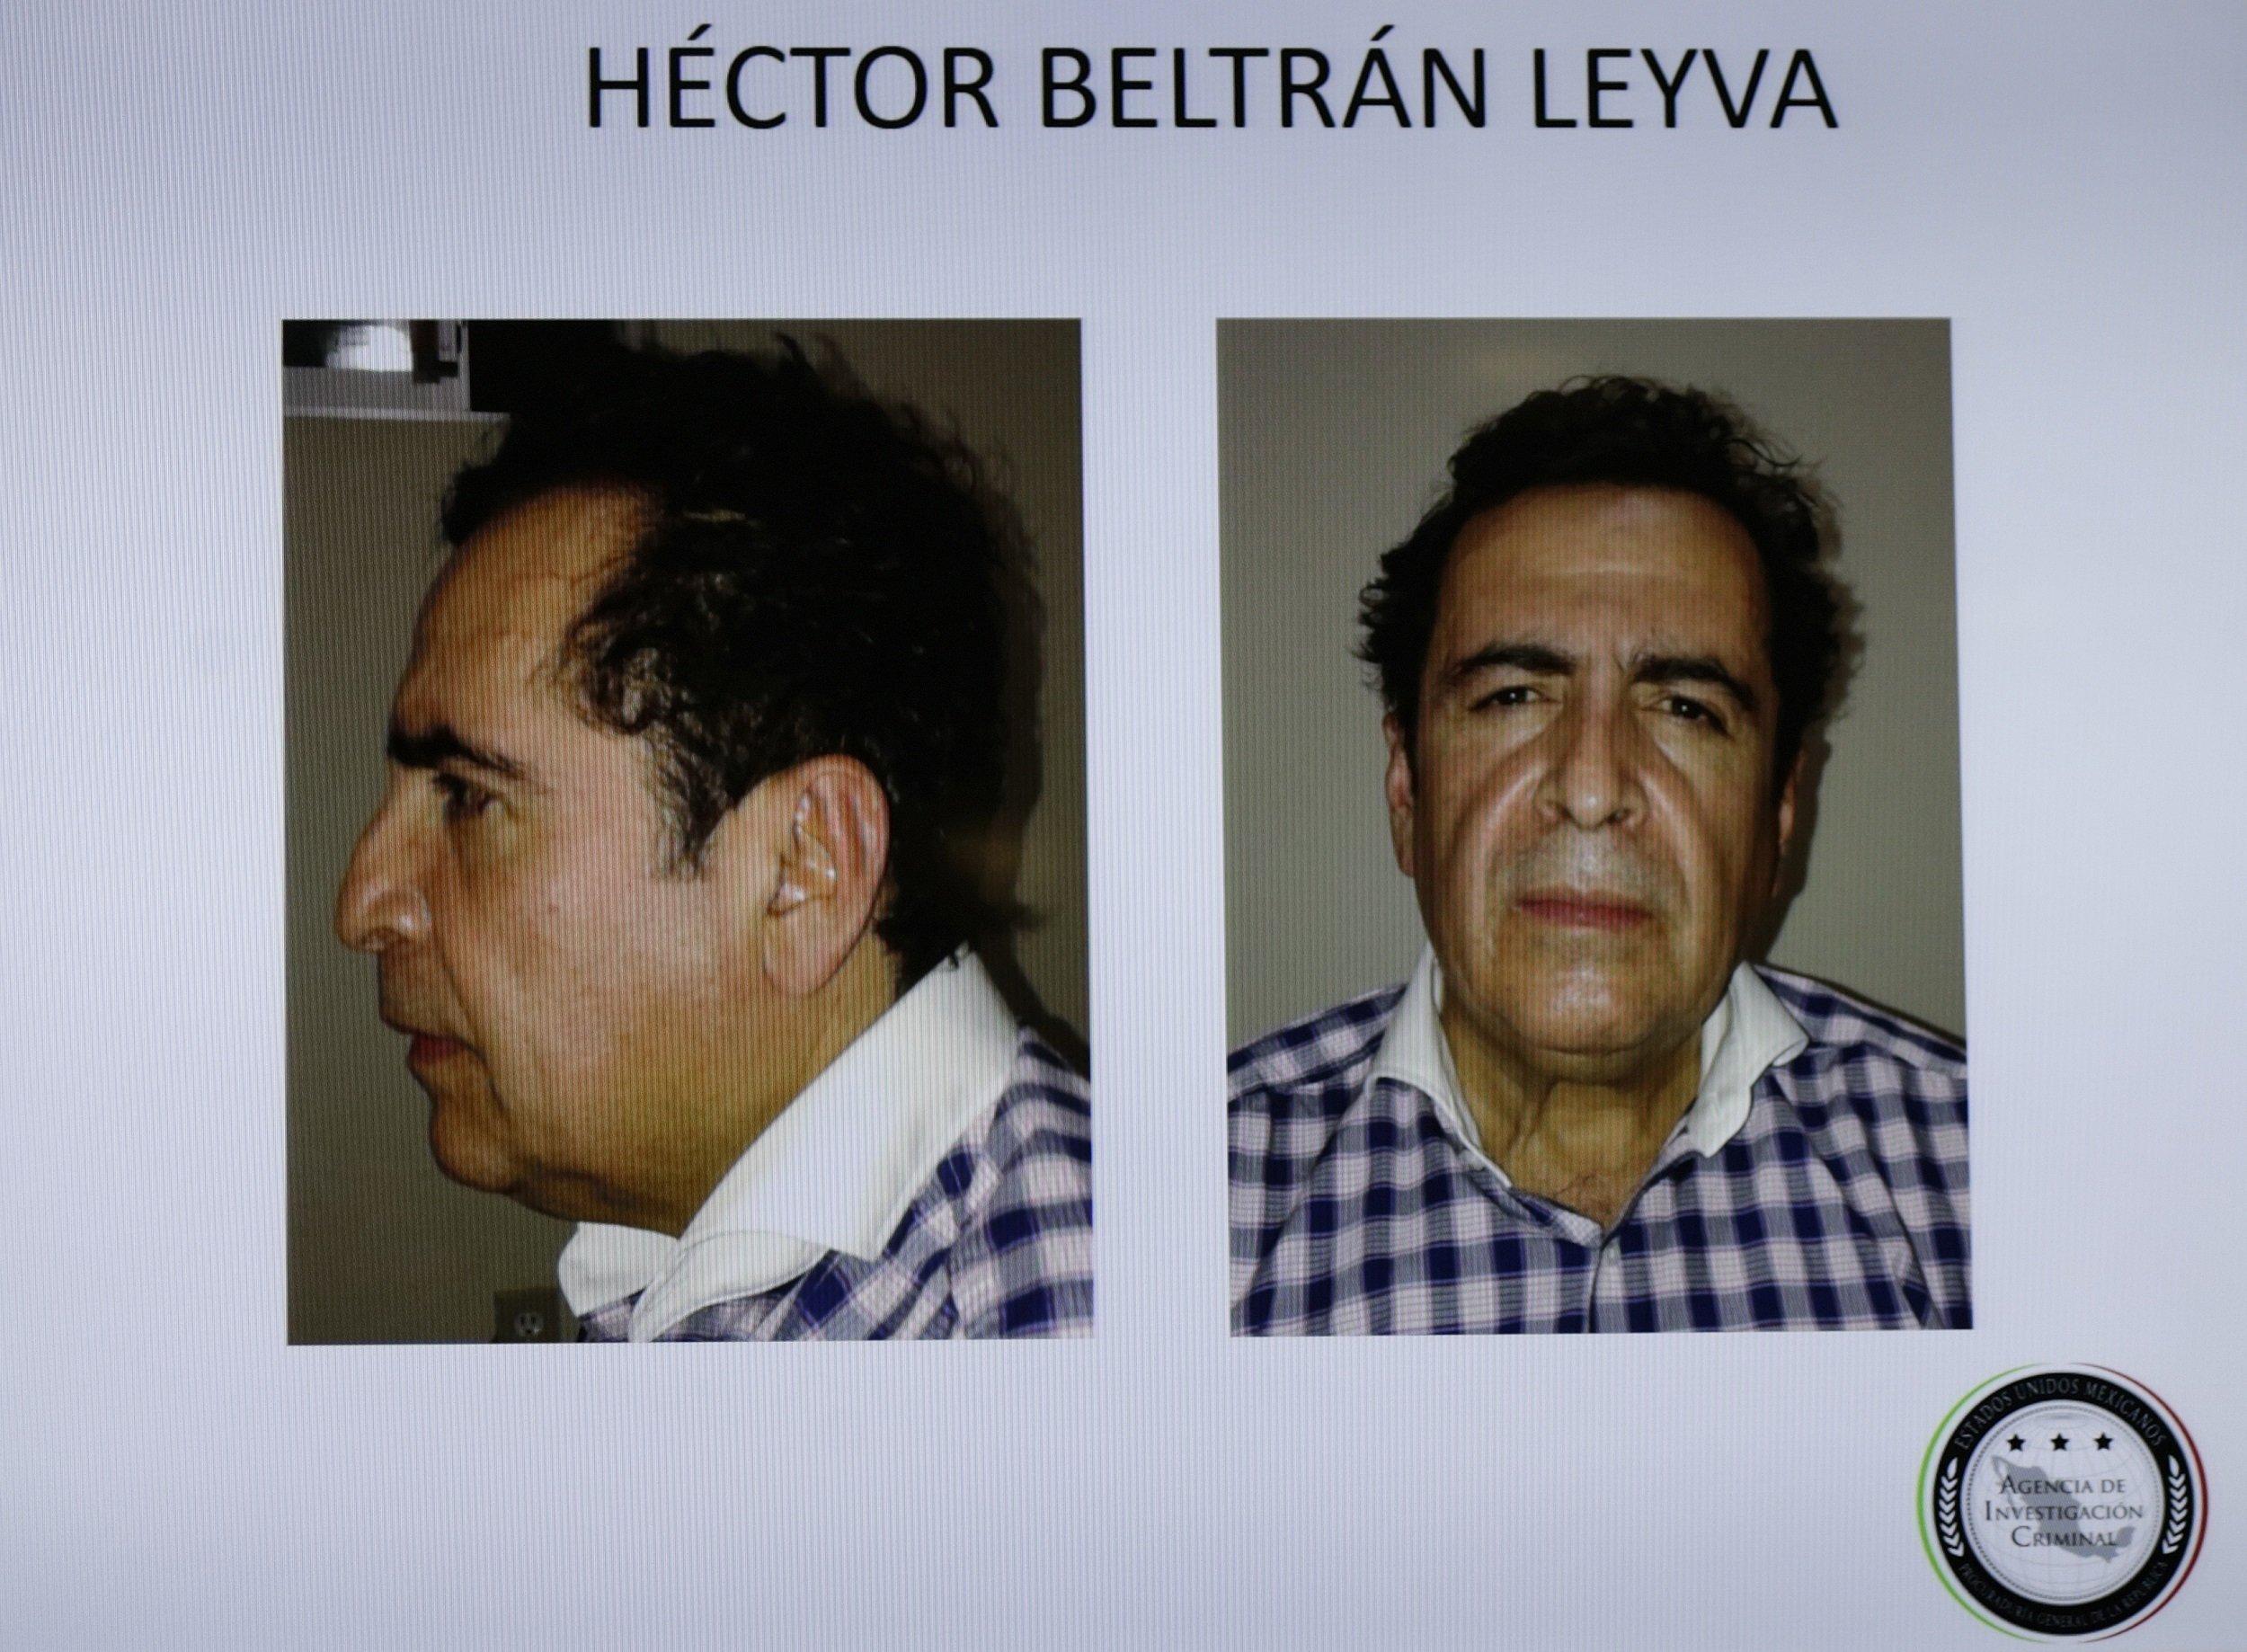 Hector Beltran Leyva